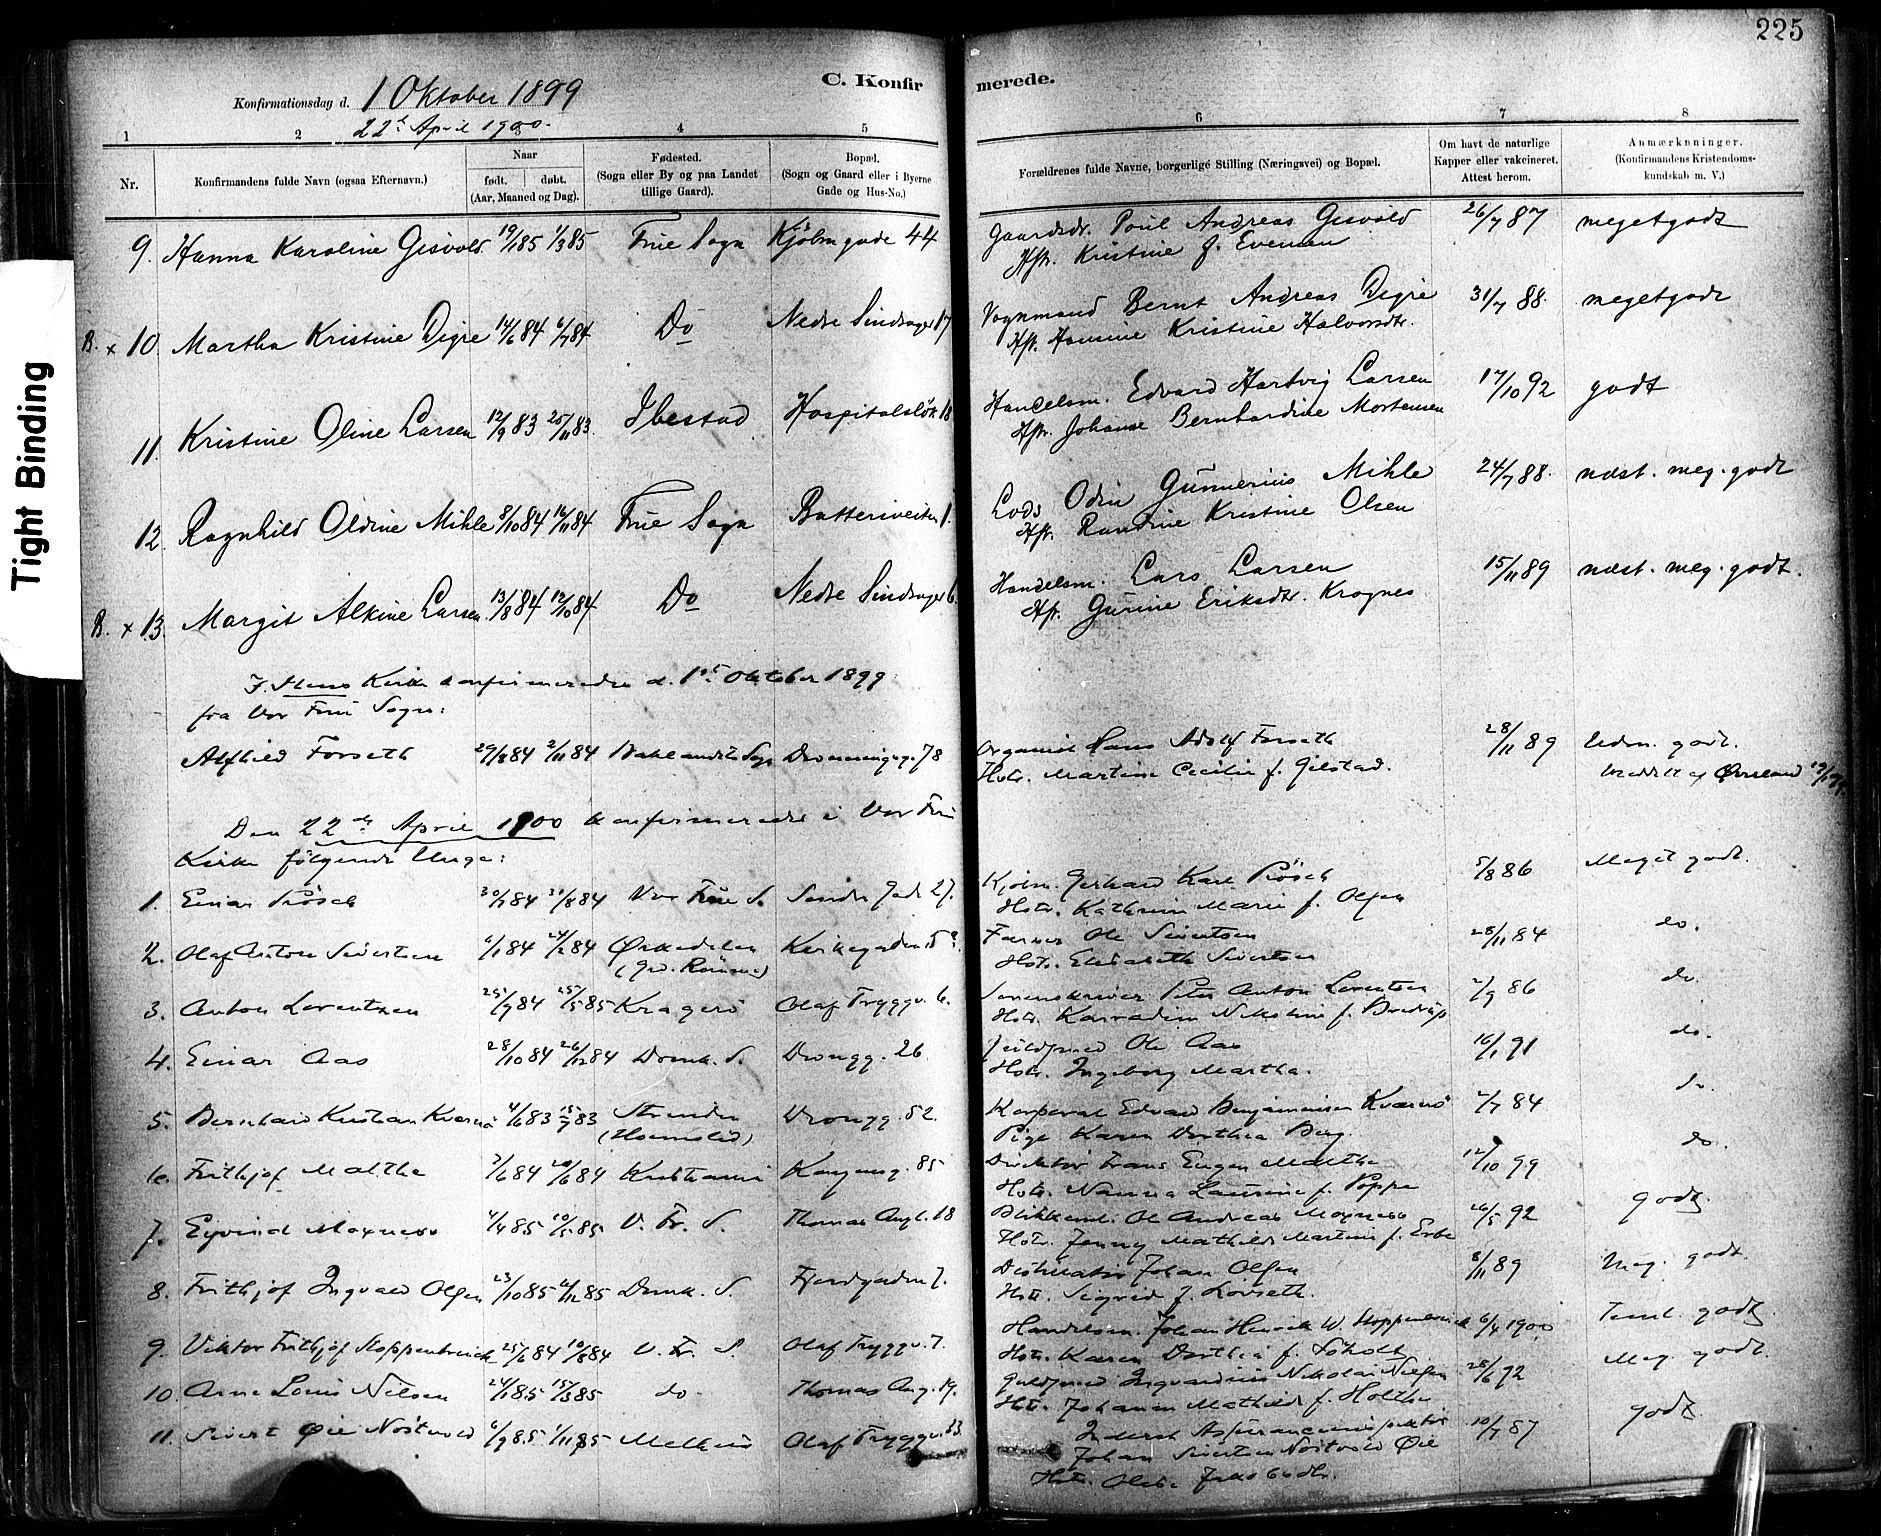 SAT, Ministerialprotokoller, klokkerbøker og fødselsregistre - Sør-Trøndelag, 602/L0119: Ministerialbok nr. 602A17, 1880-1901, s. 225